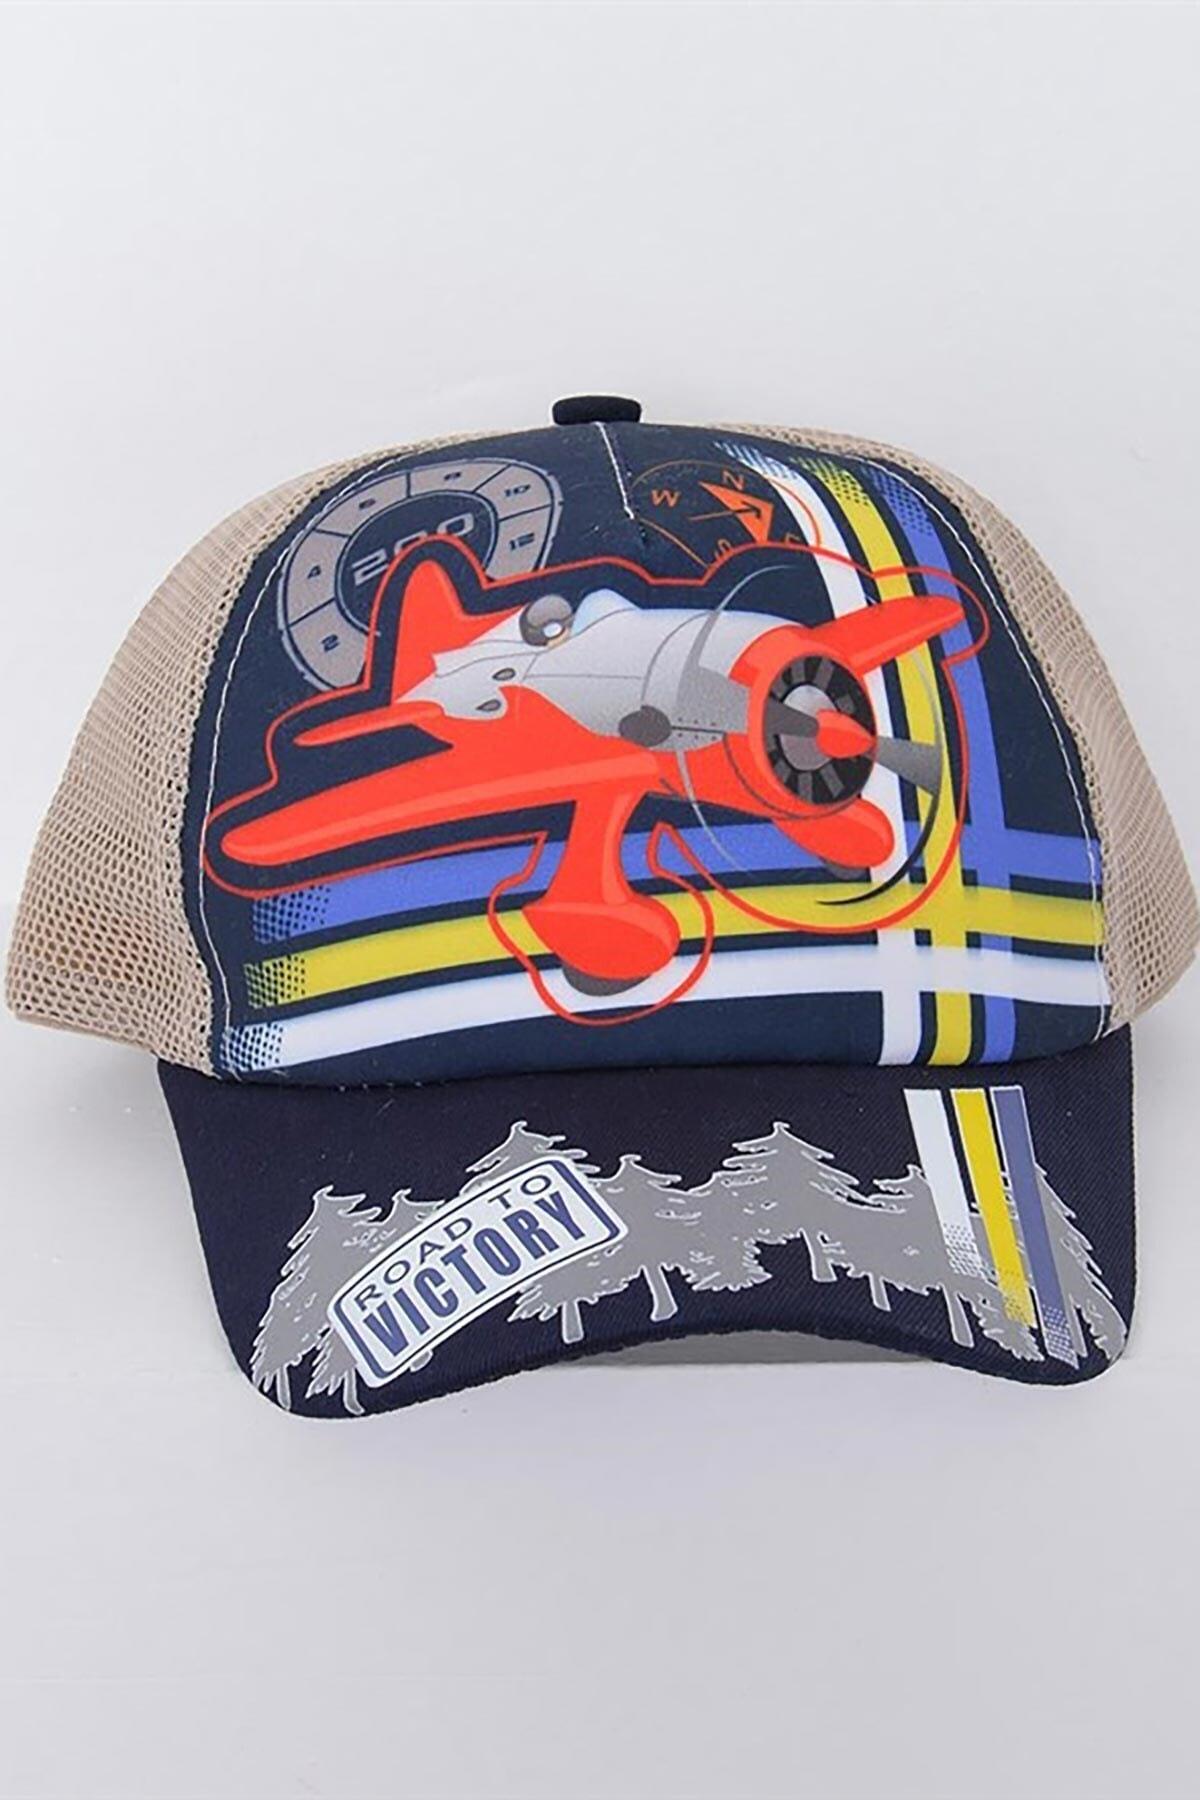 Mossta Erkek Çocuk Bej Uçak Baskılı 6-12 Yaş Şapka 1